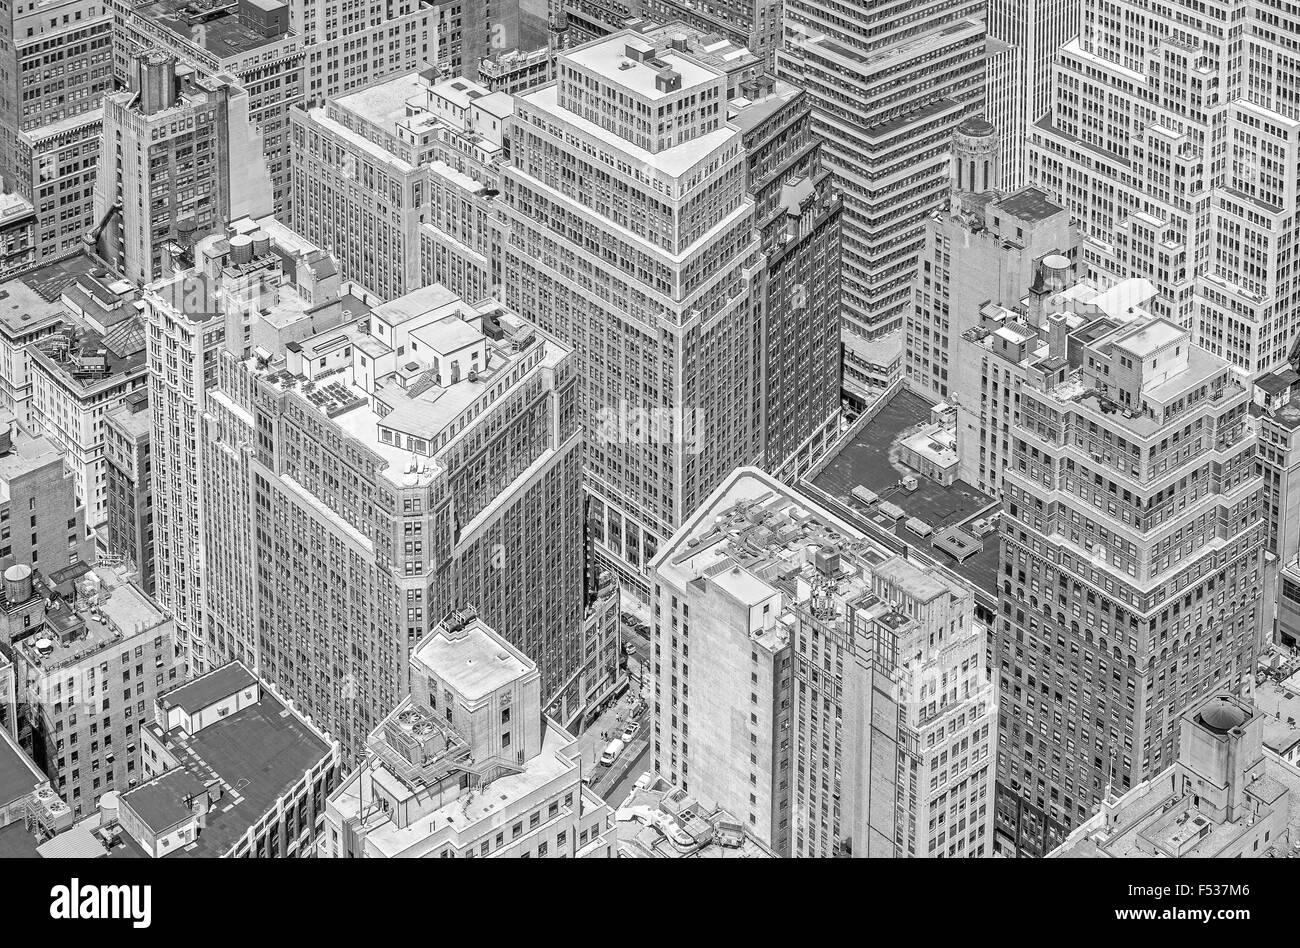 Immagine in bianco e nero di highrise edifici, Manhattan a New York City, Stati Uniti d'America. Immagini Stock